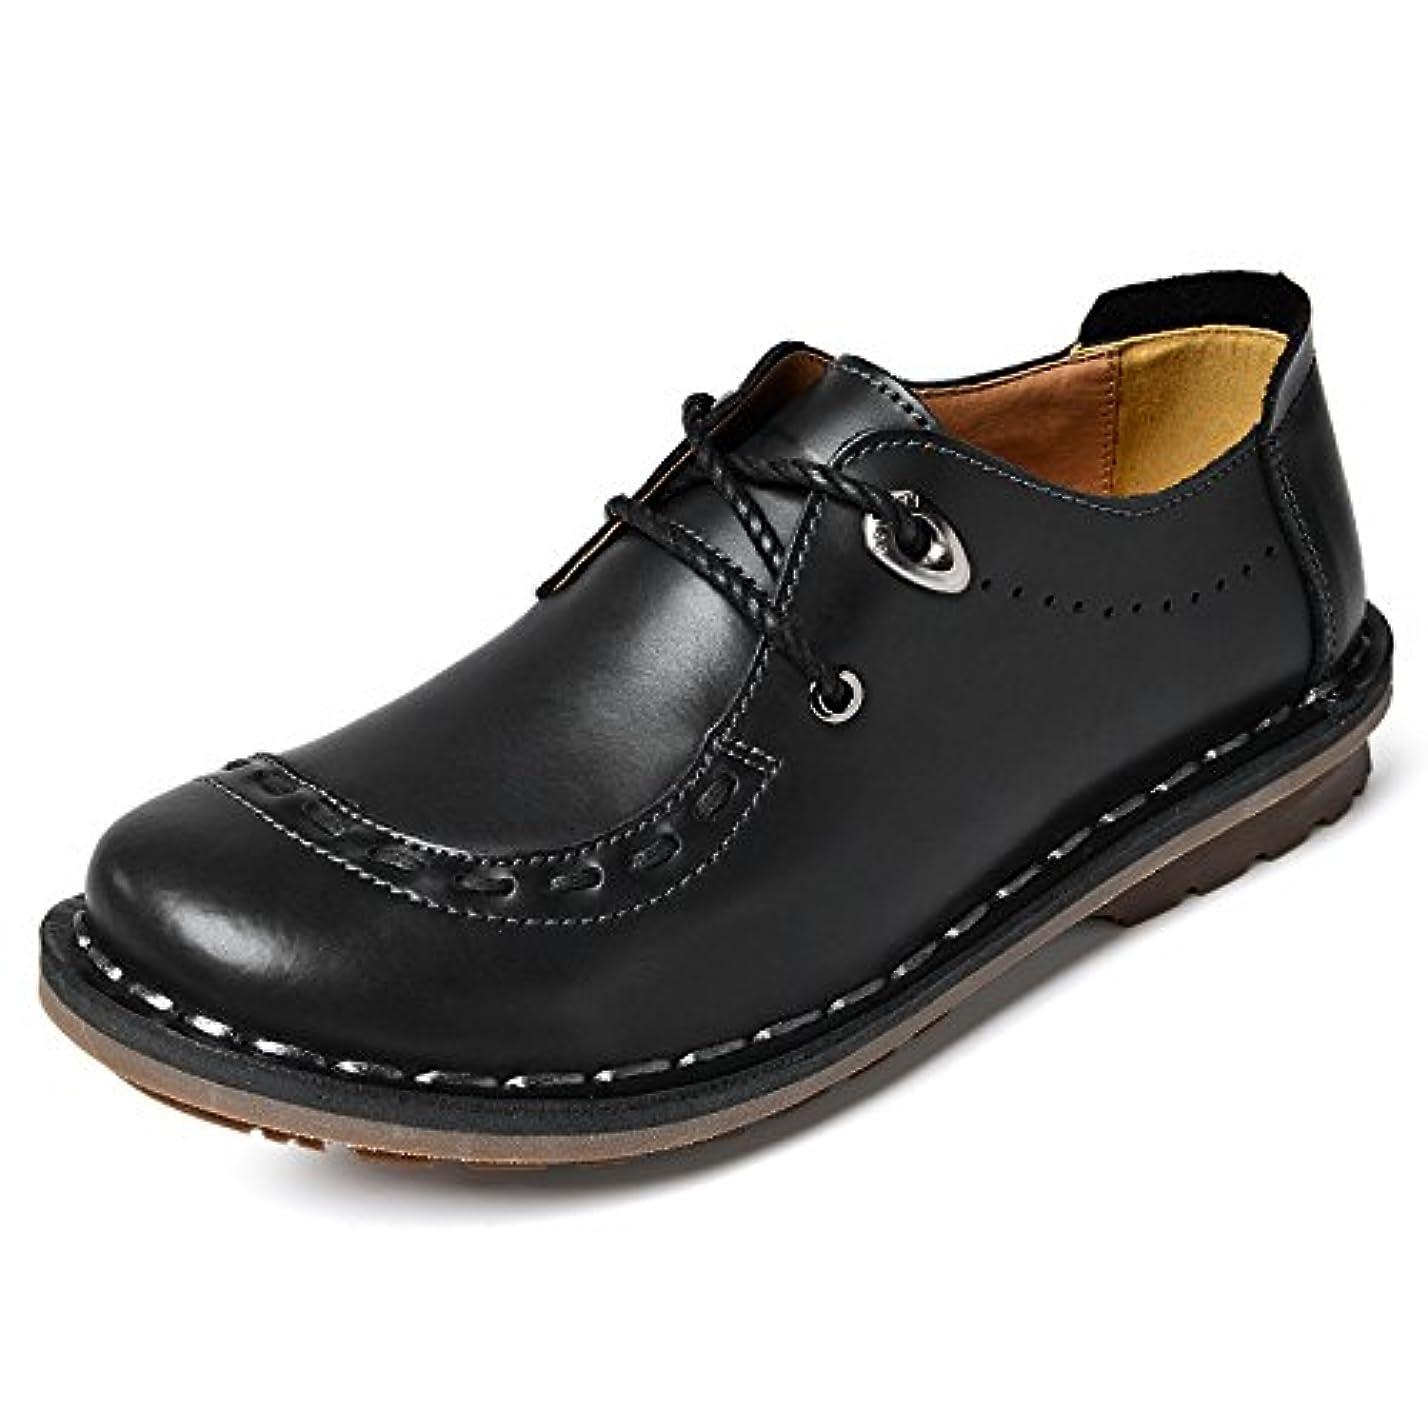 提供農学拘束するiEMOY メンズ 手作り カジュアルシューズ デッキシューズ 革靴 ローカット ワークブーツ オックスフォードの靴 カジュアルシューズ ファッションスニーカー レースアップシューズ 通勤用 防滑